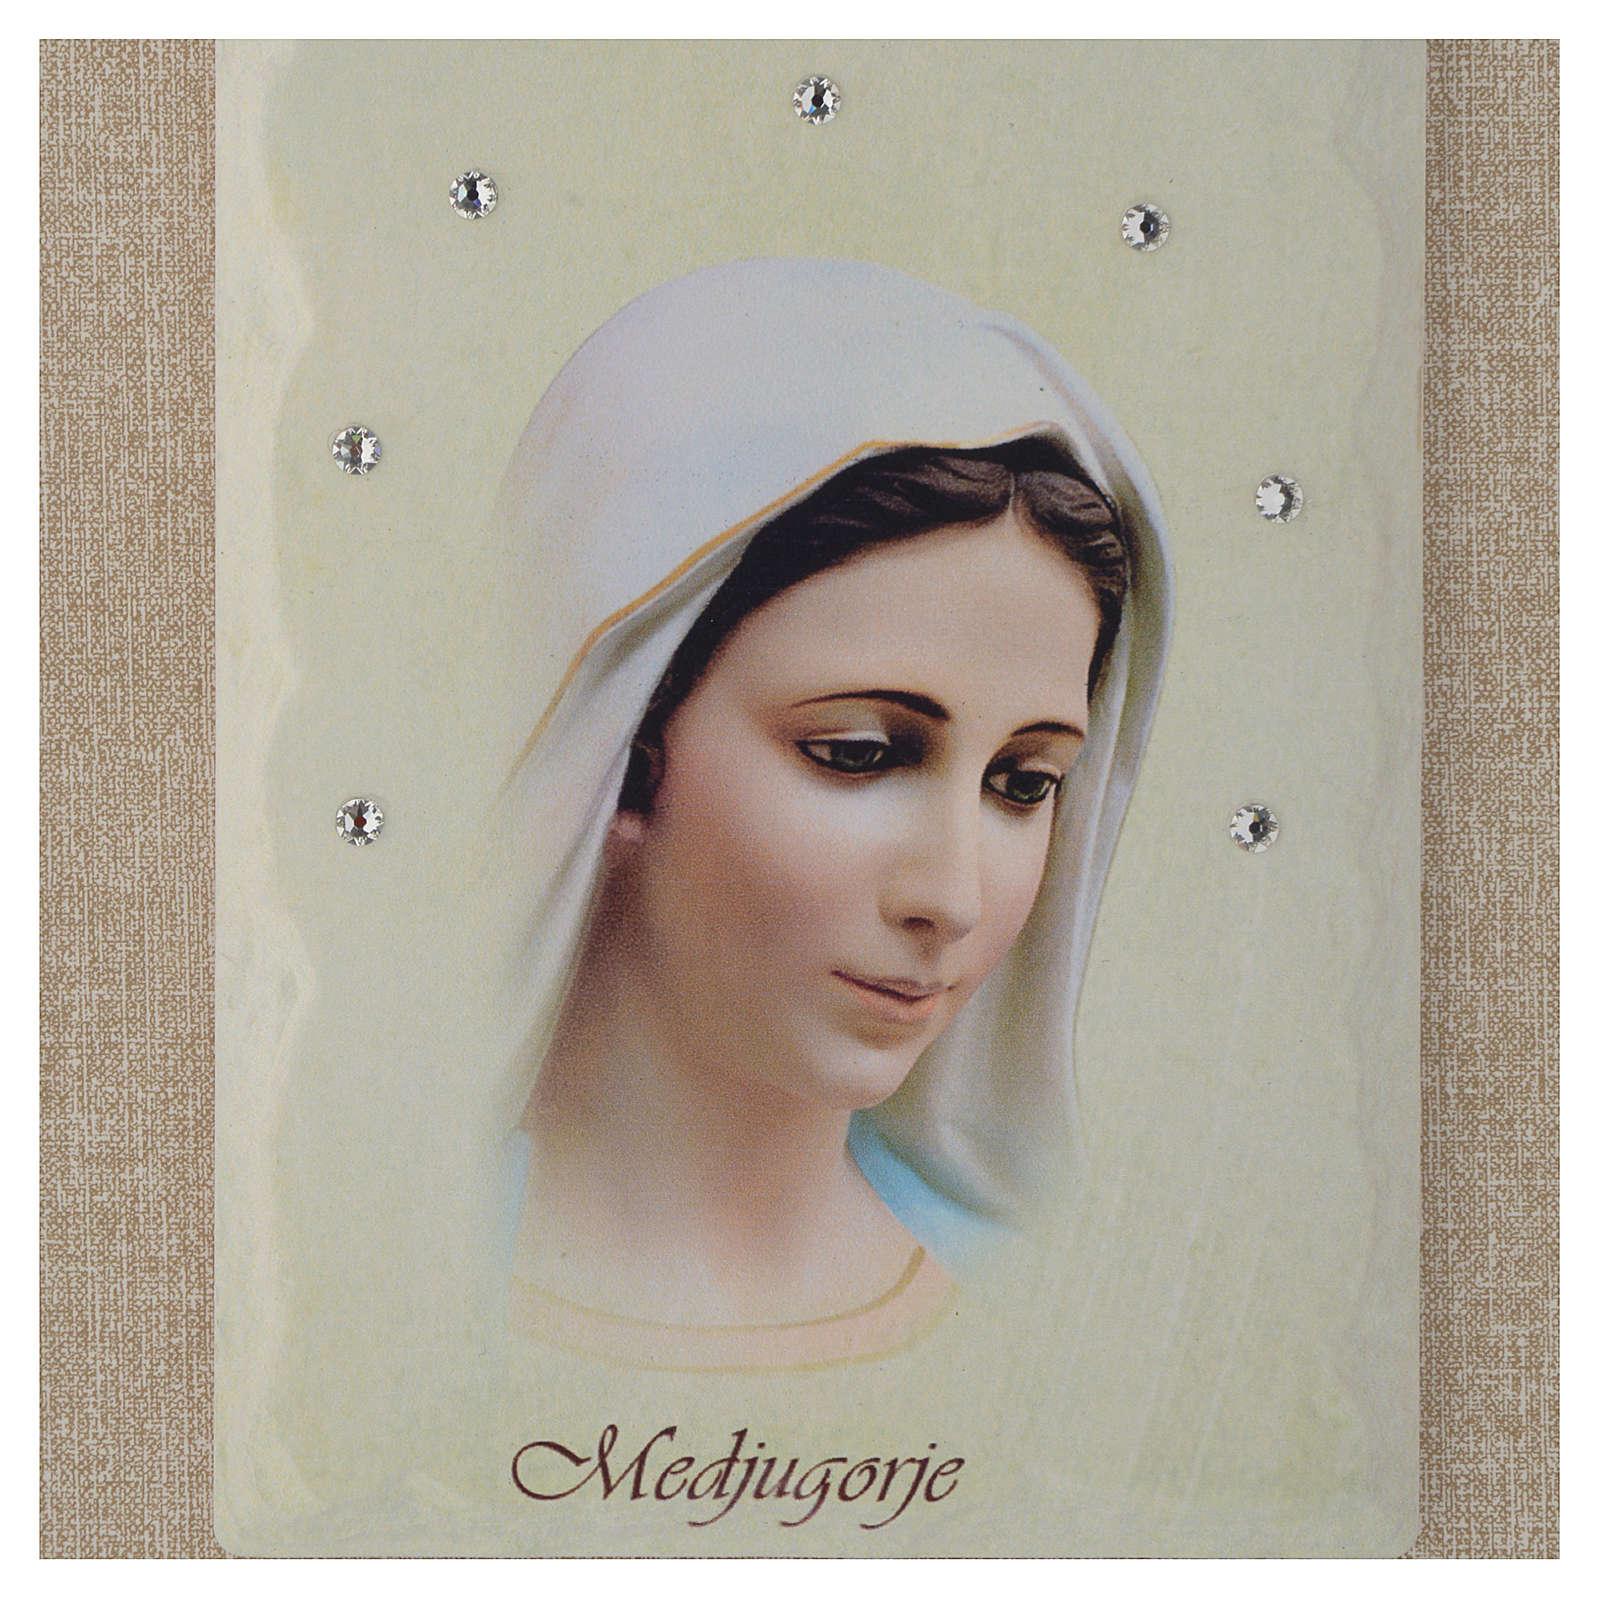 Our Lady of Medjugorje framed print 4